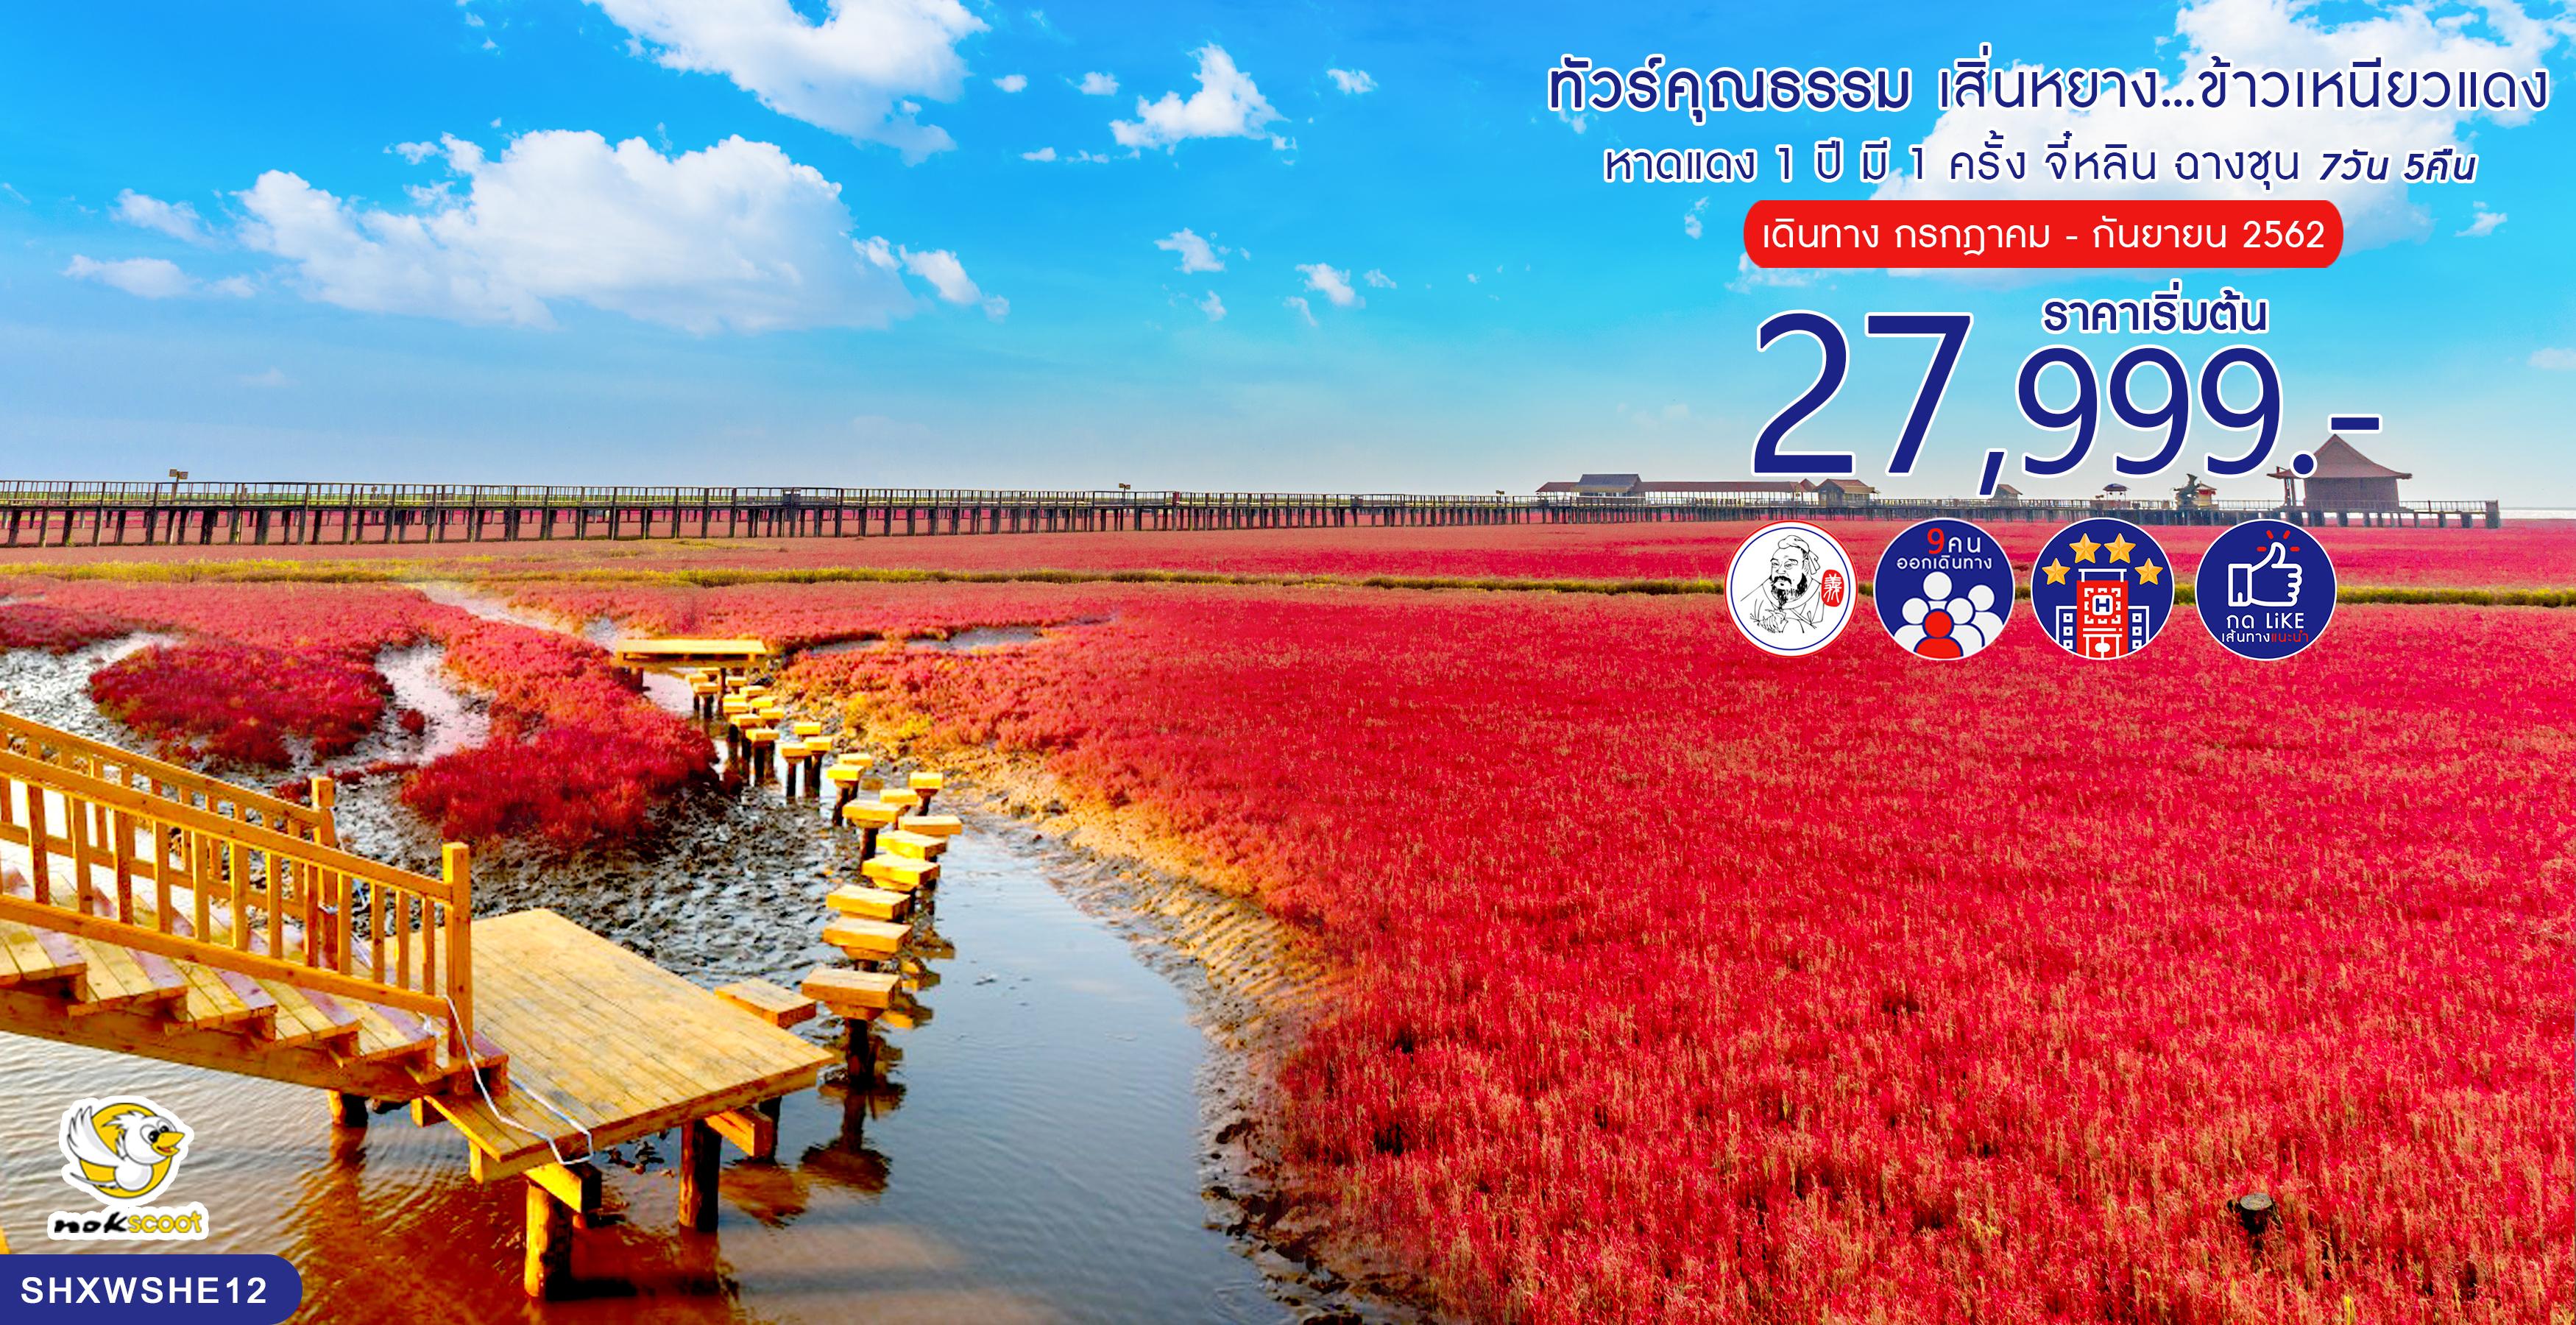 ทัวร์จีน ทัวร์คุณธรรม ทัวร์เสิ่นหยาง...ข้าวเหนียวแดง หาดแดง 1 ปี มี 1 ครั้ง จี๋หลิน ฉางชุน 7 วัน 5 คืน (XW)